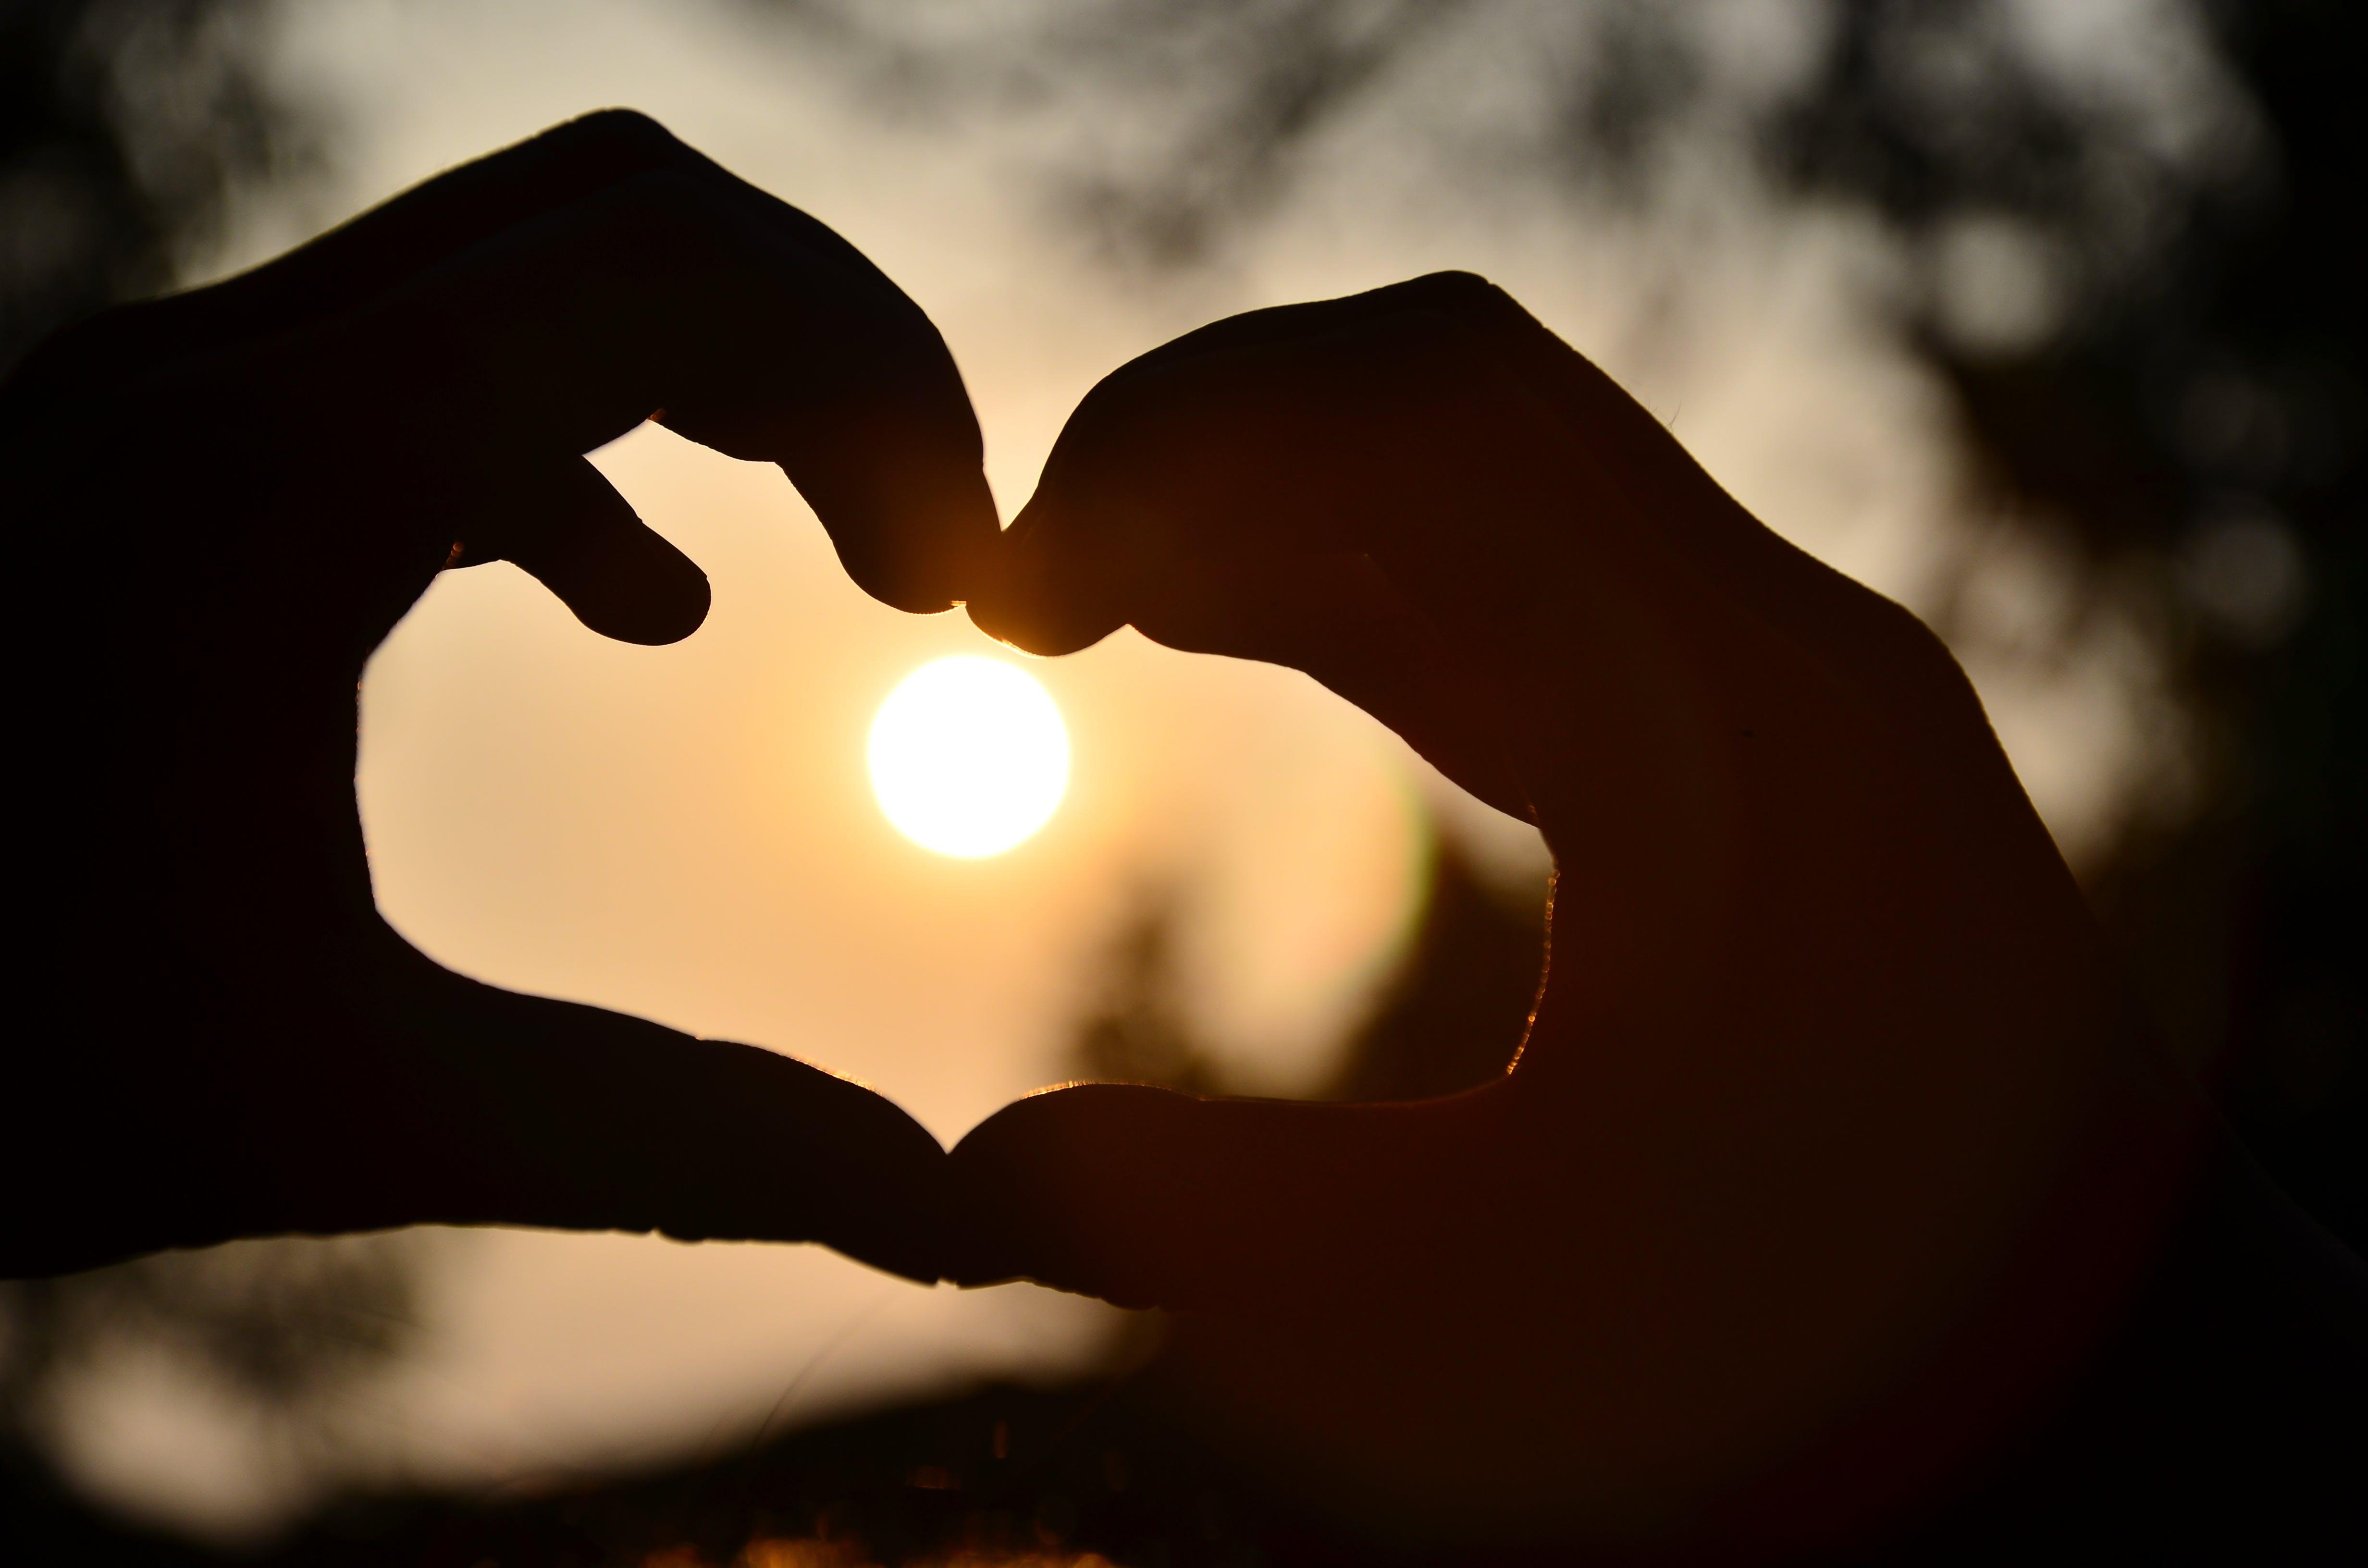 Δωρεάν στοκ φωτογραφιών με ήλιος, καρδιά, χέρια